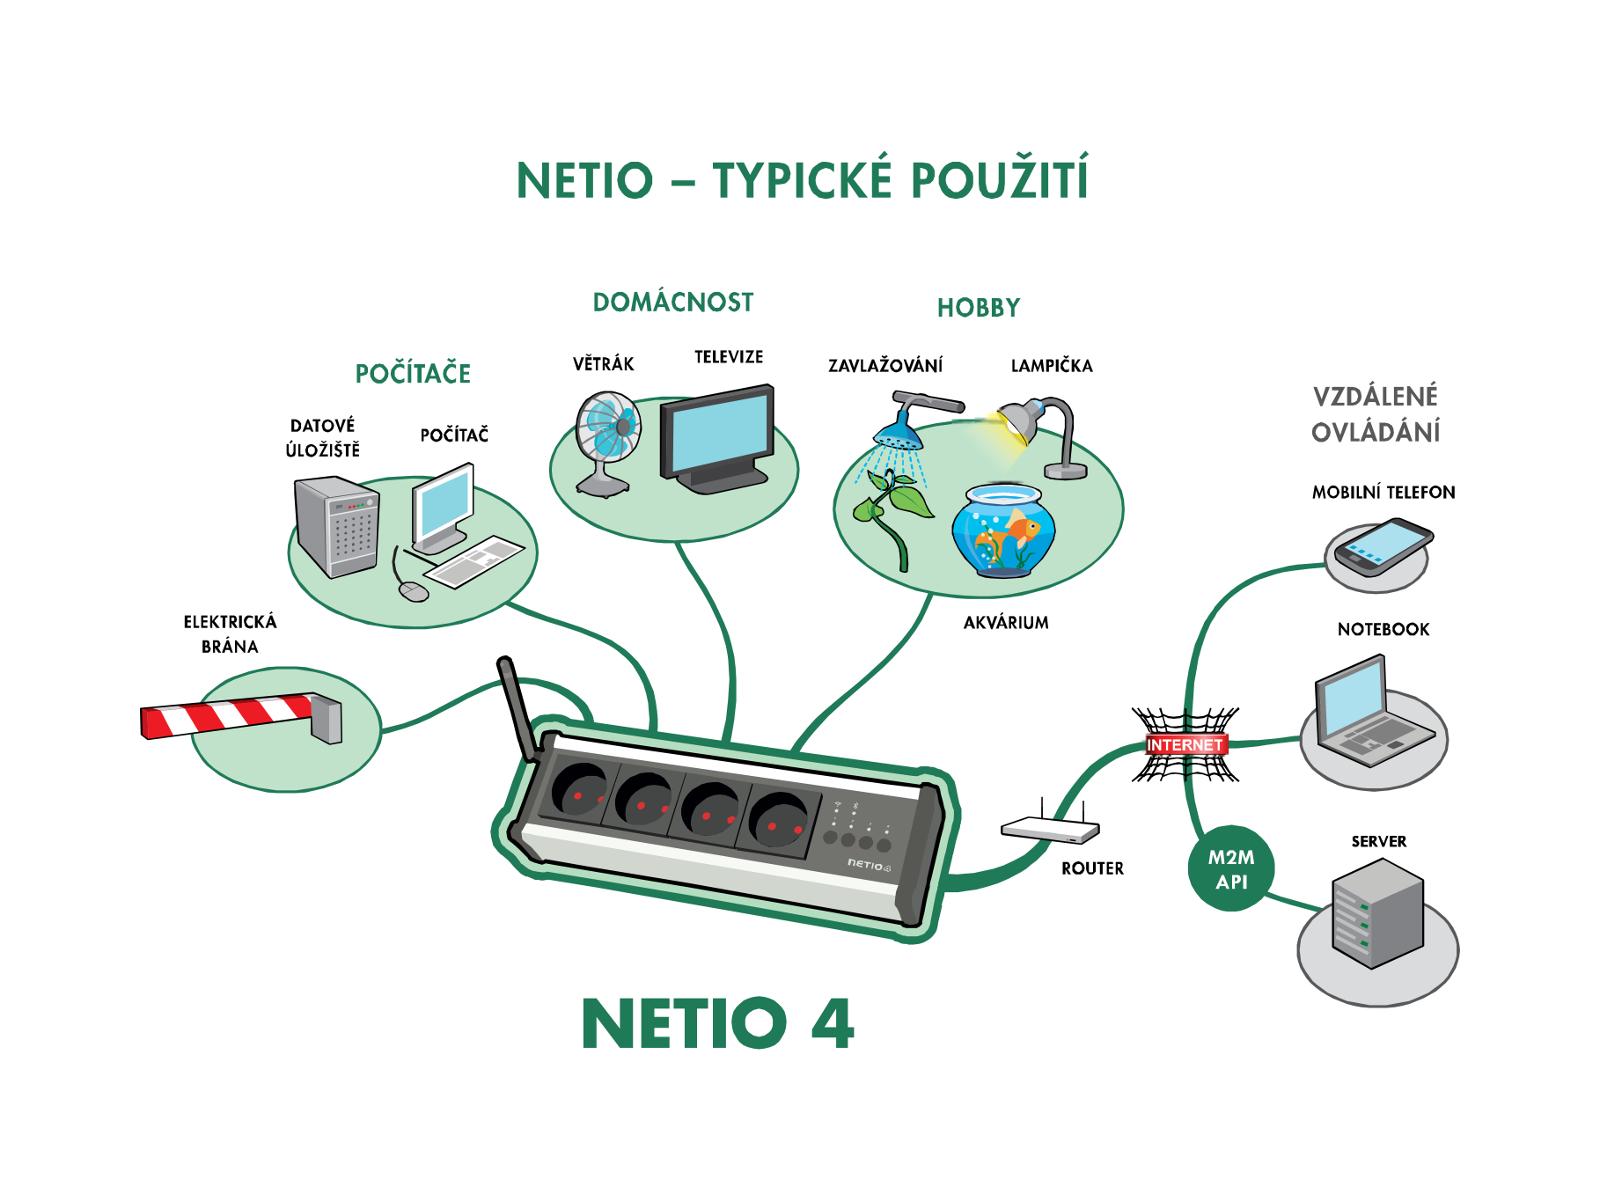 Zásuvky NETIO 4 lze použít pro otevírání brány, ovládání počítače, větráku, televize, světel atd..